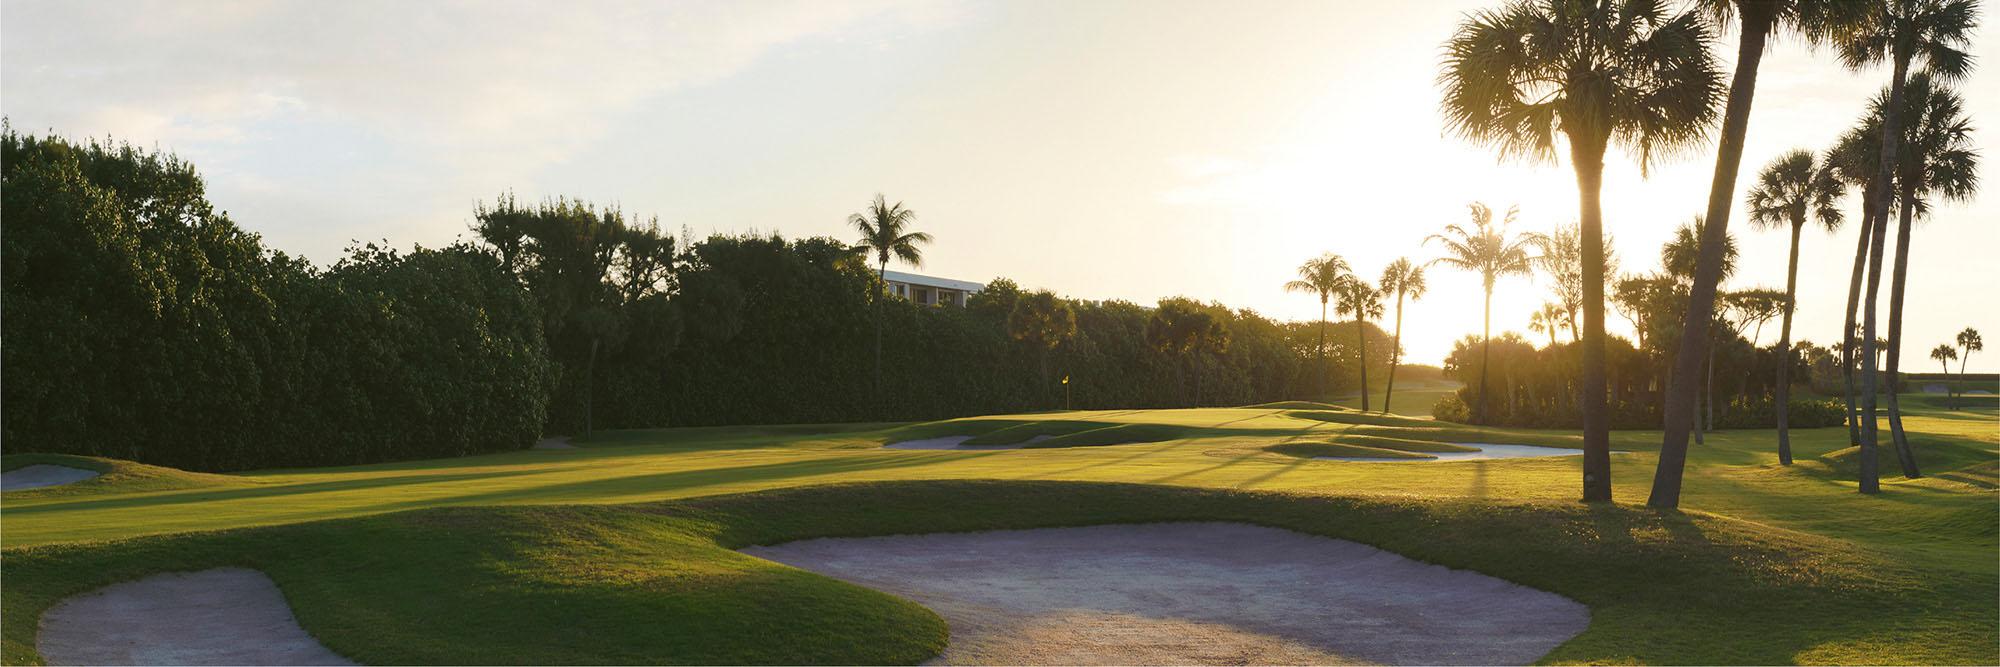 Golf Course Image - Seminoel No. 12